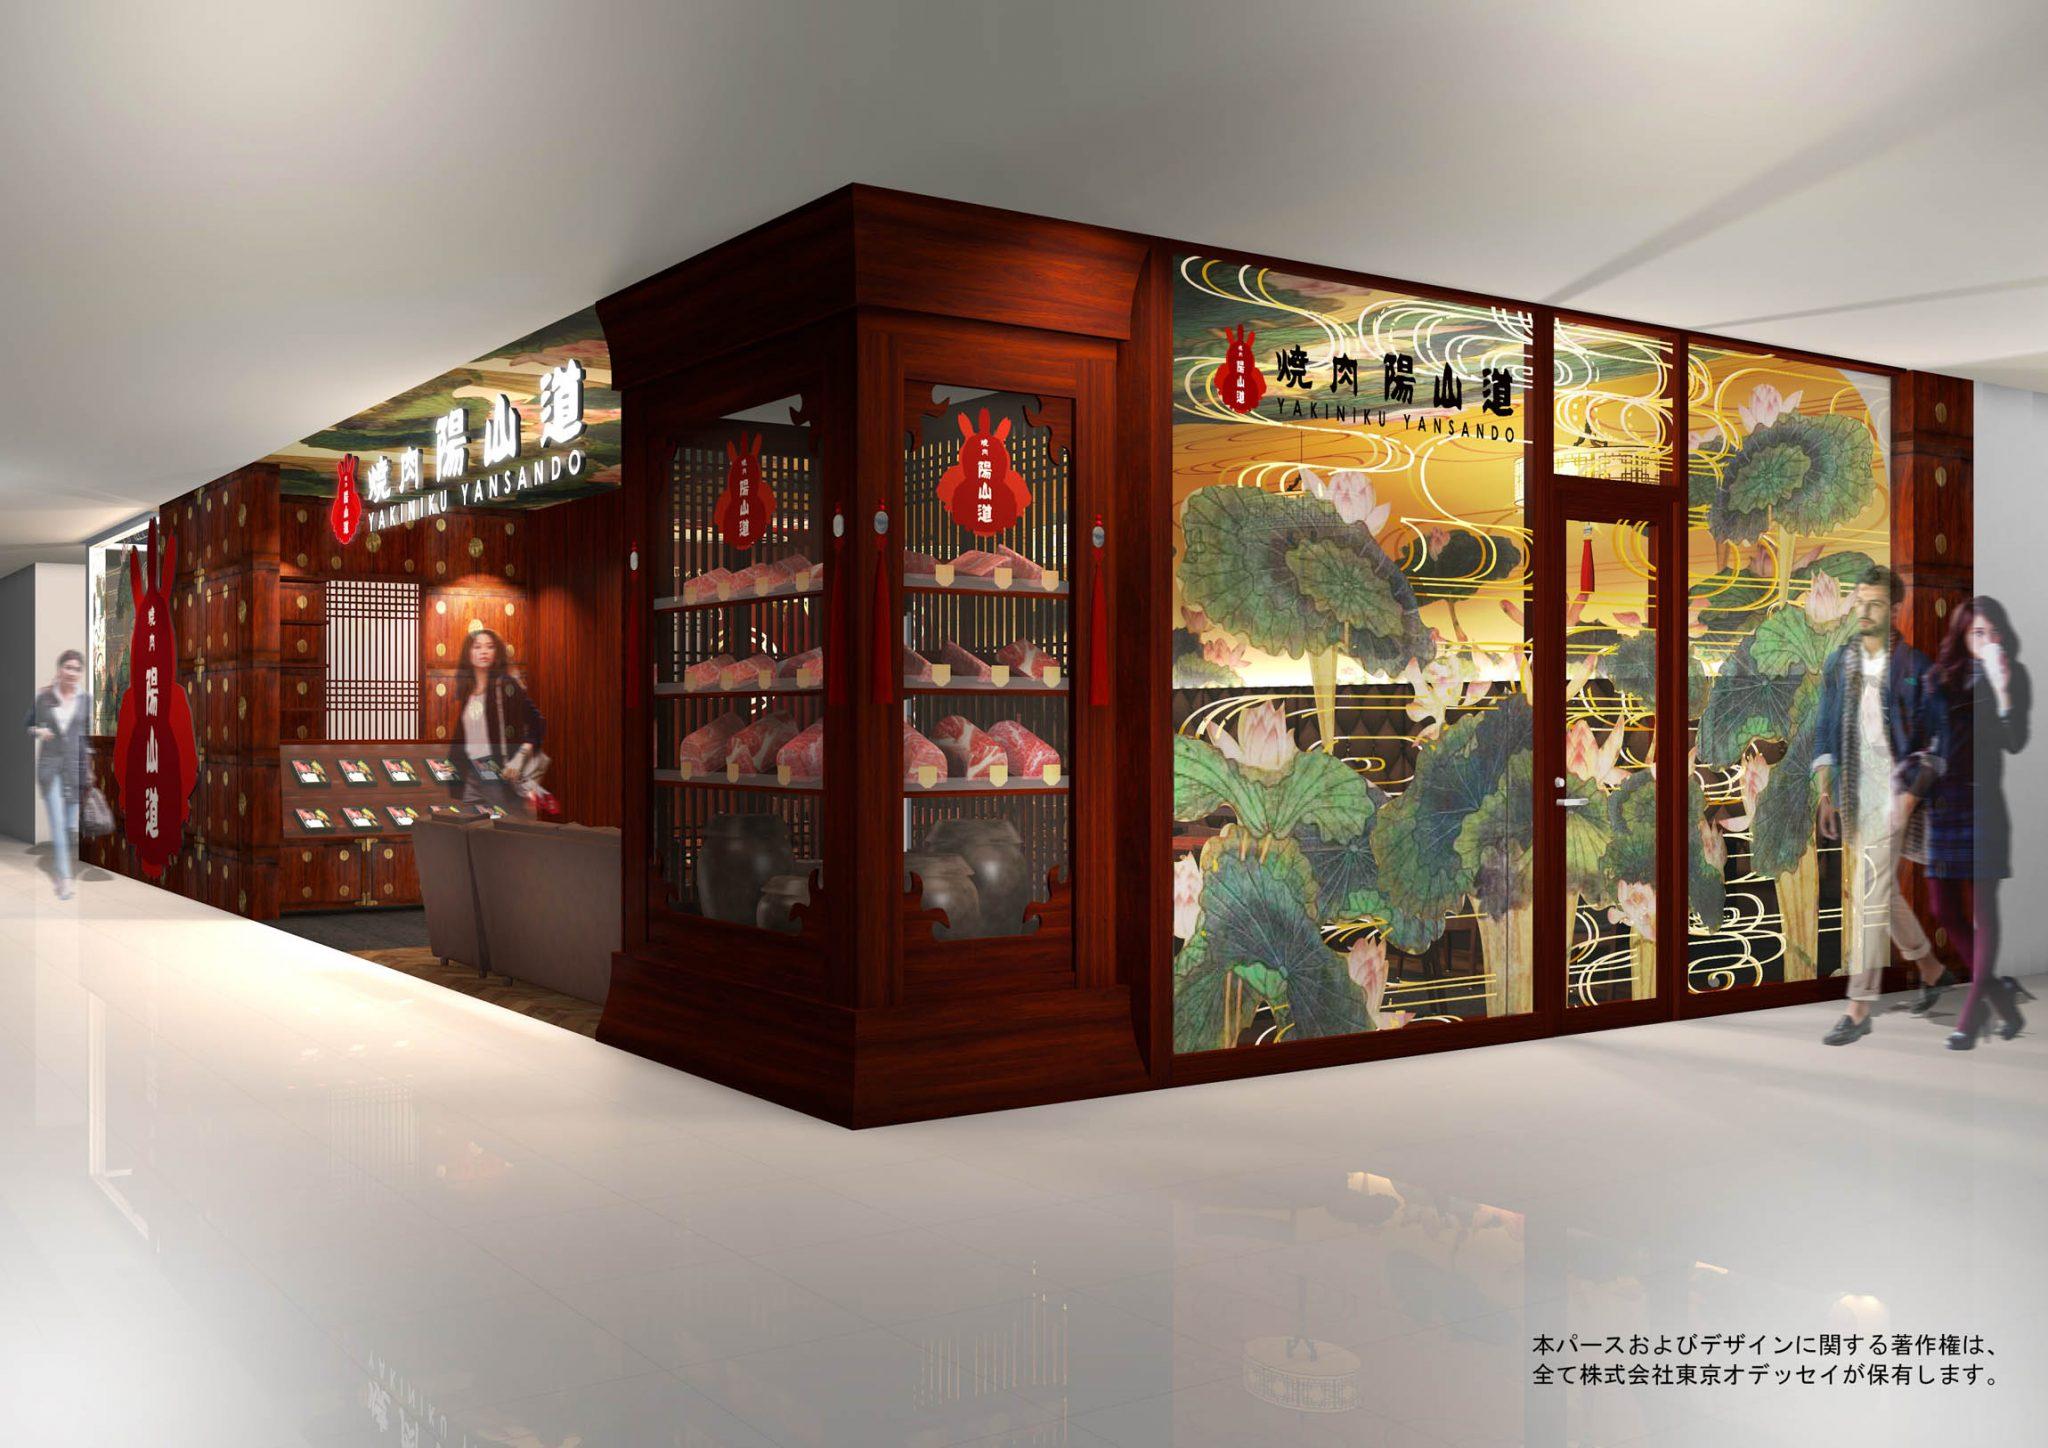 名門老舗焼肉店「焼肉 陽山道」が満を持してプロデュースする新感覚焼肉店が上野パルコに2017年11月オープン予定!<br>東京オデッセイ設計のオリエンタルで神秘的なデザインに包まれた店内は癒しに溢れています。